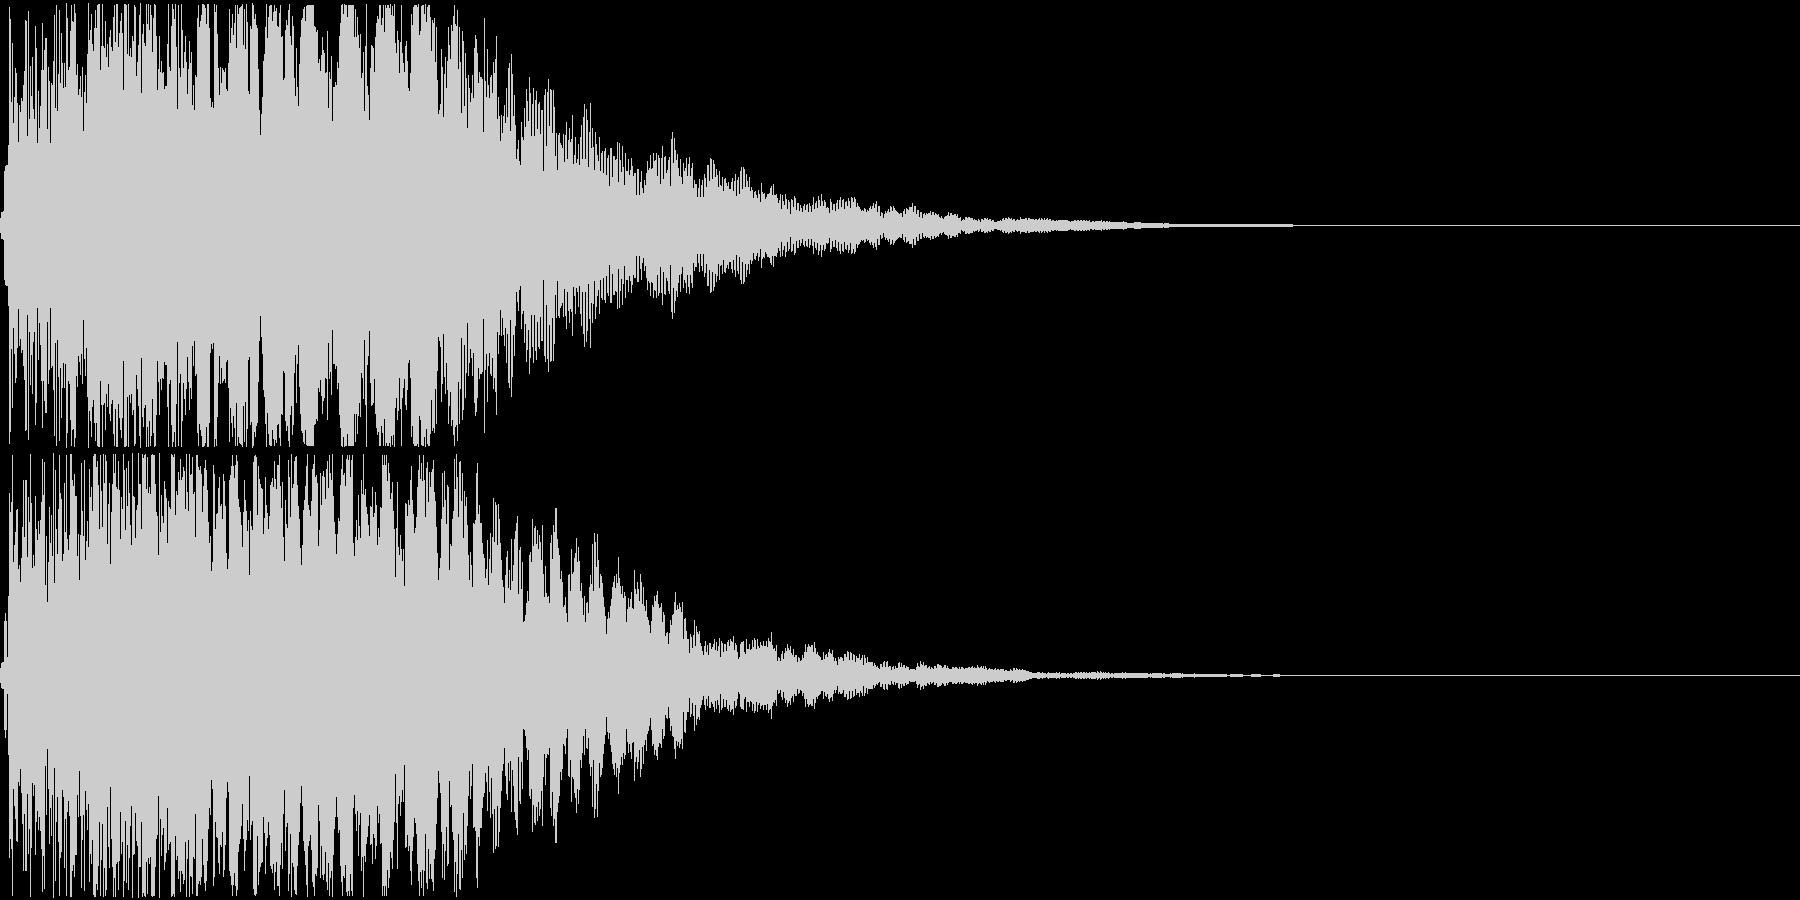 キュイン ギュイーン シャキーン 08の未再生の波形